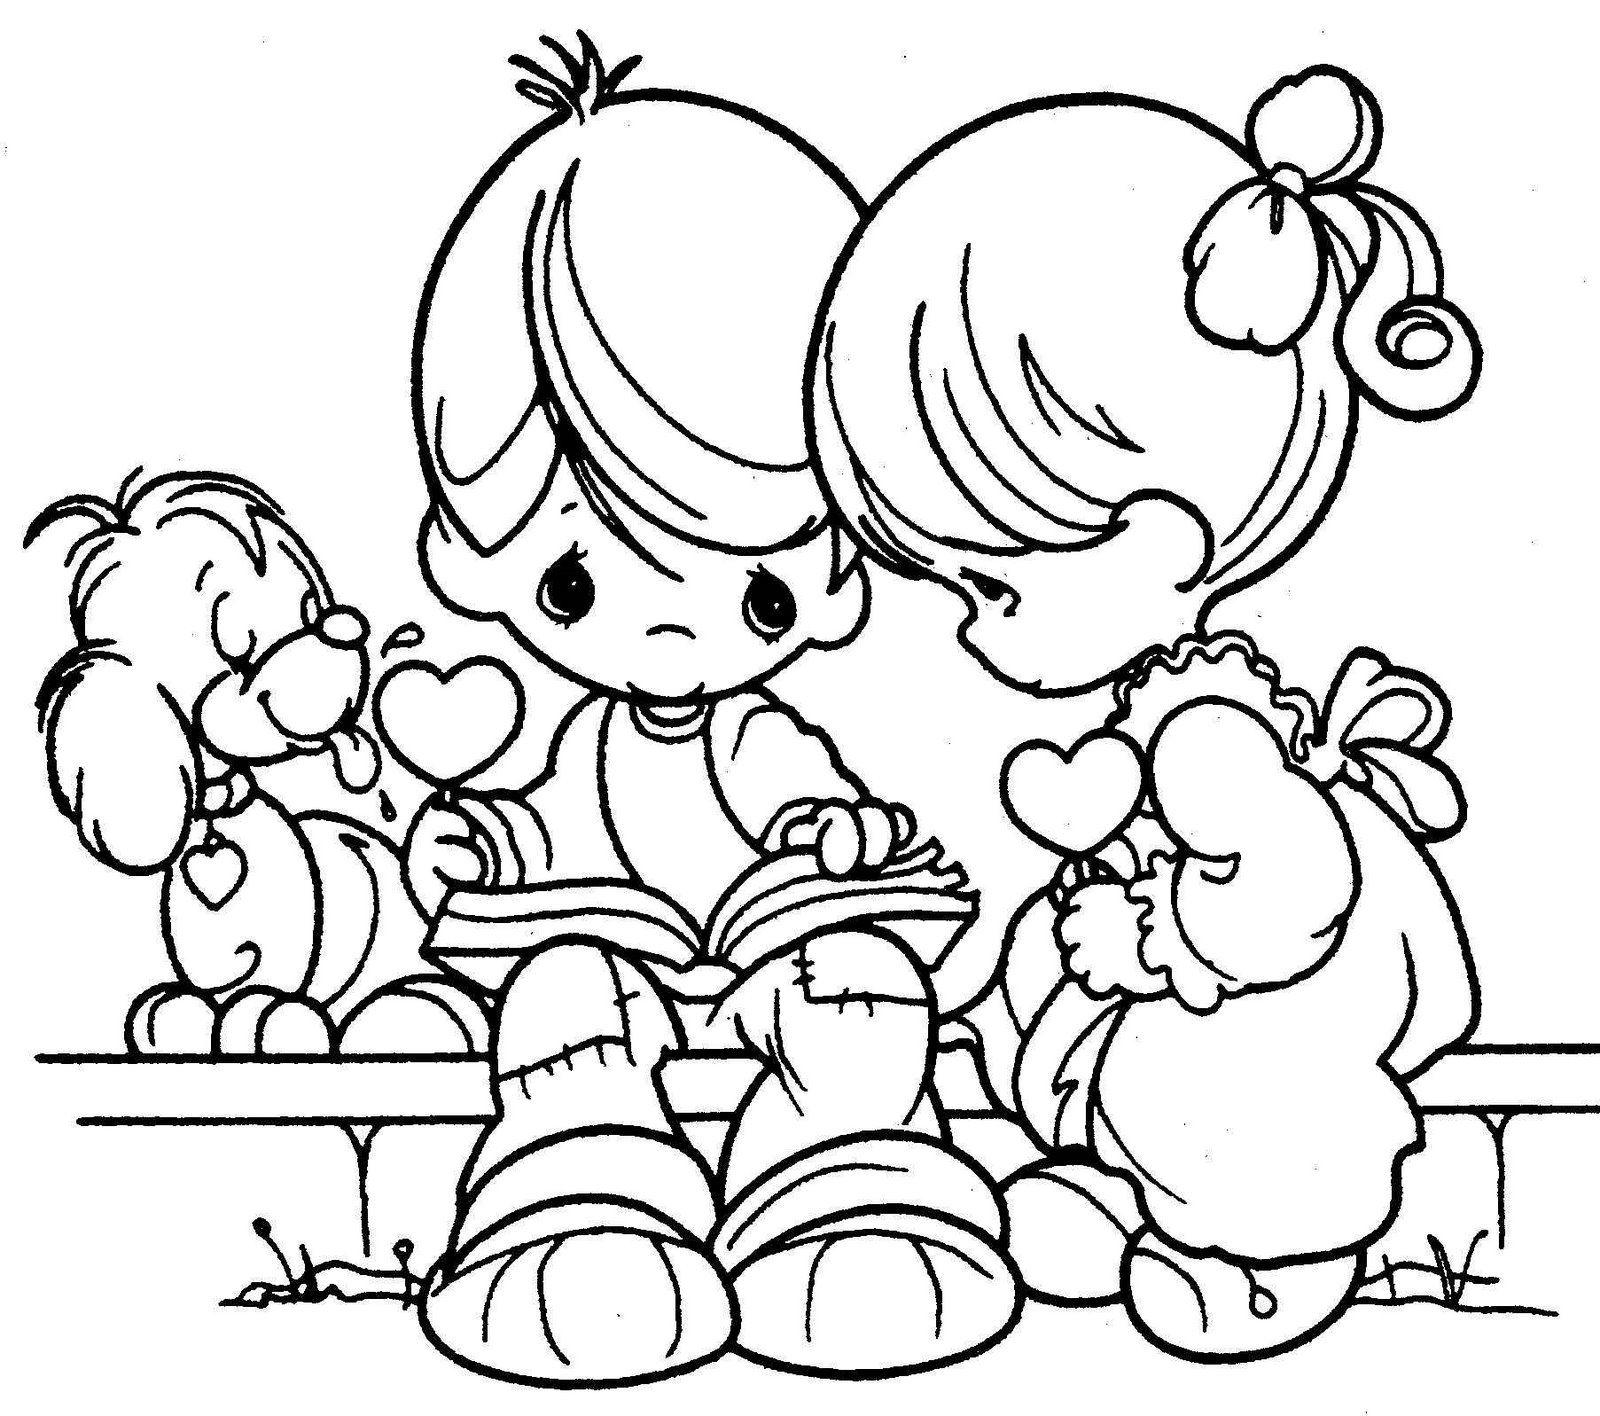 Dibujos de ni os para colorear mmanualidades pinterest - Ninos en clase dibujo ...